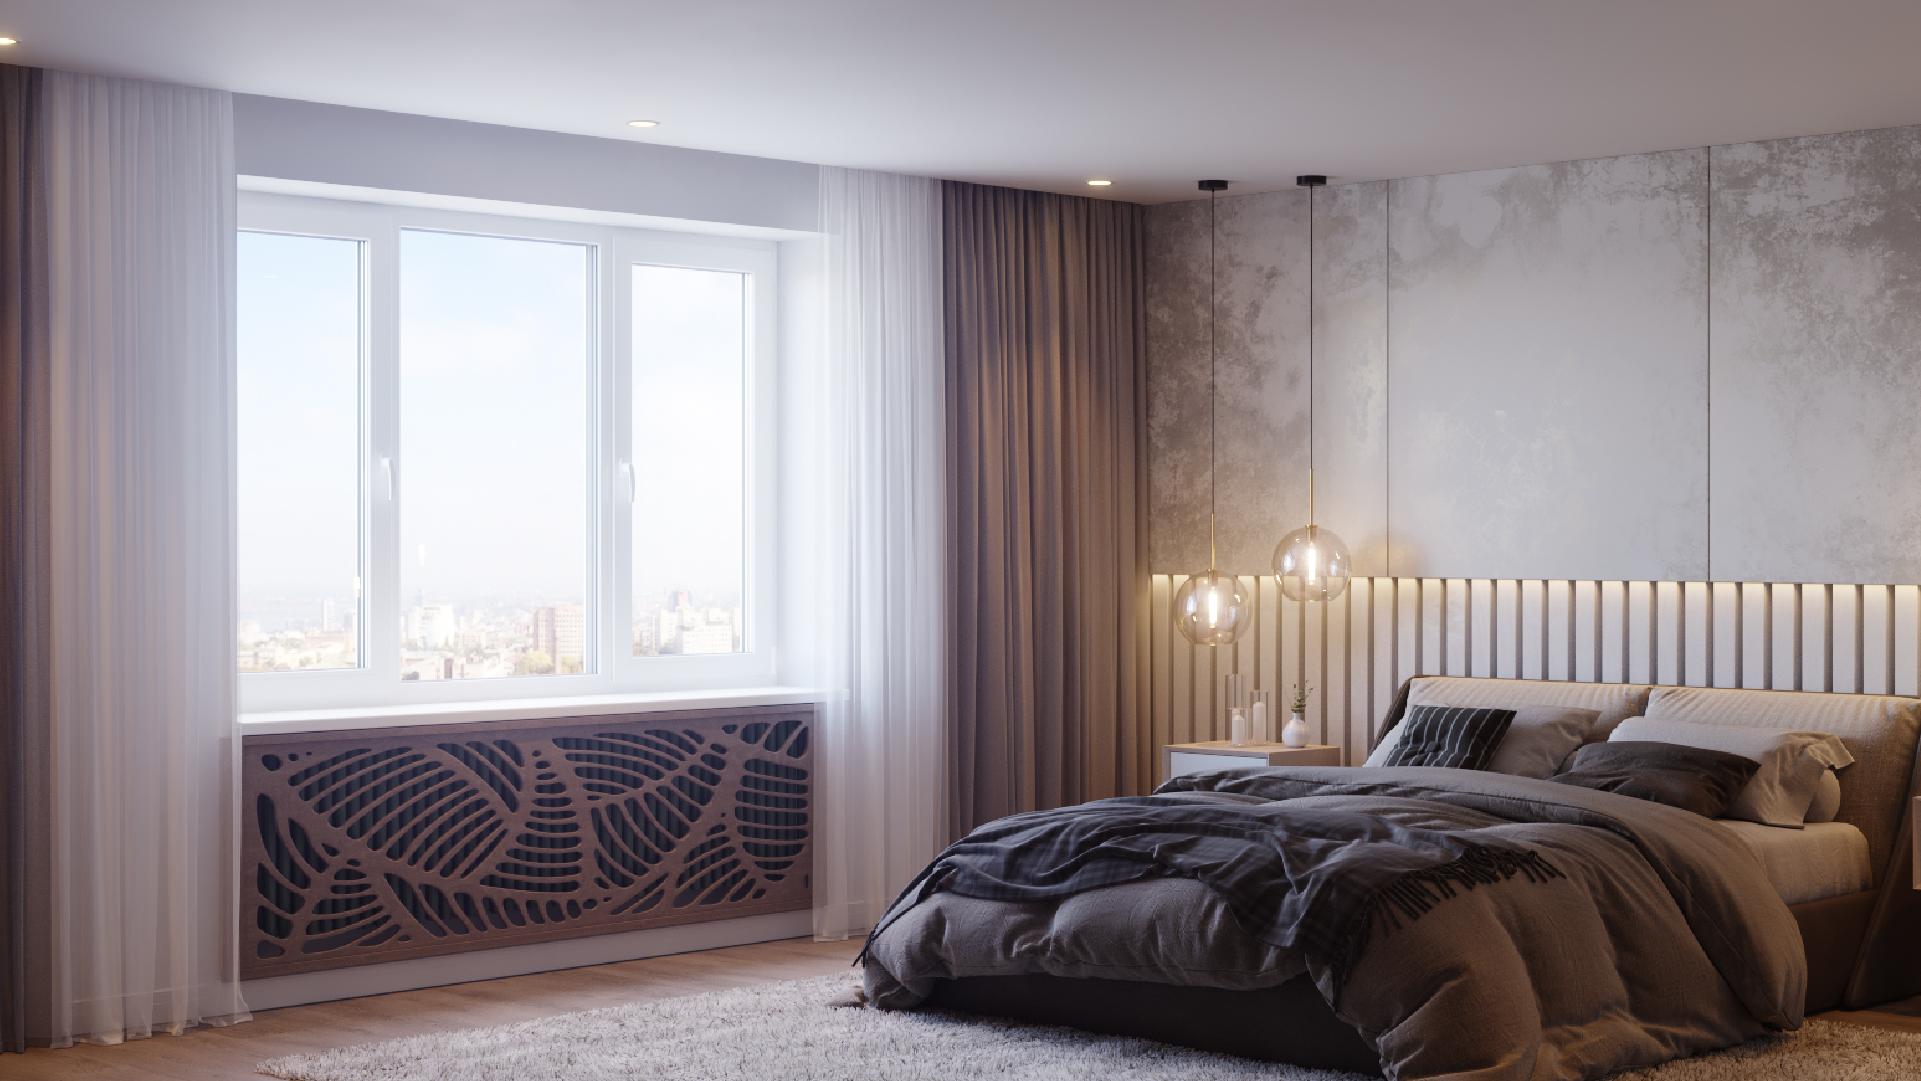 Окна для спальни - Фото 1